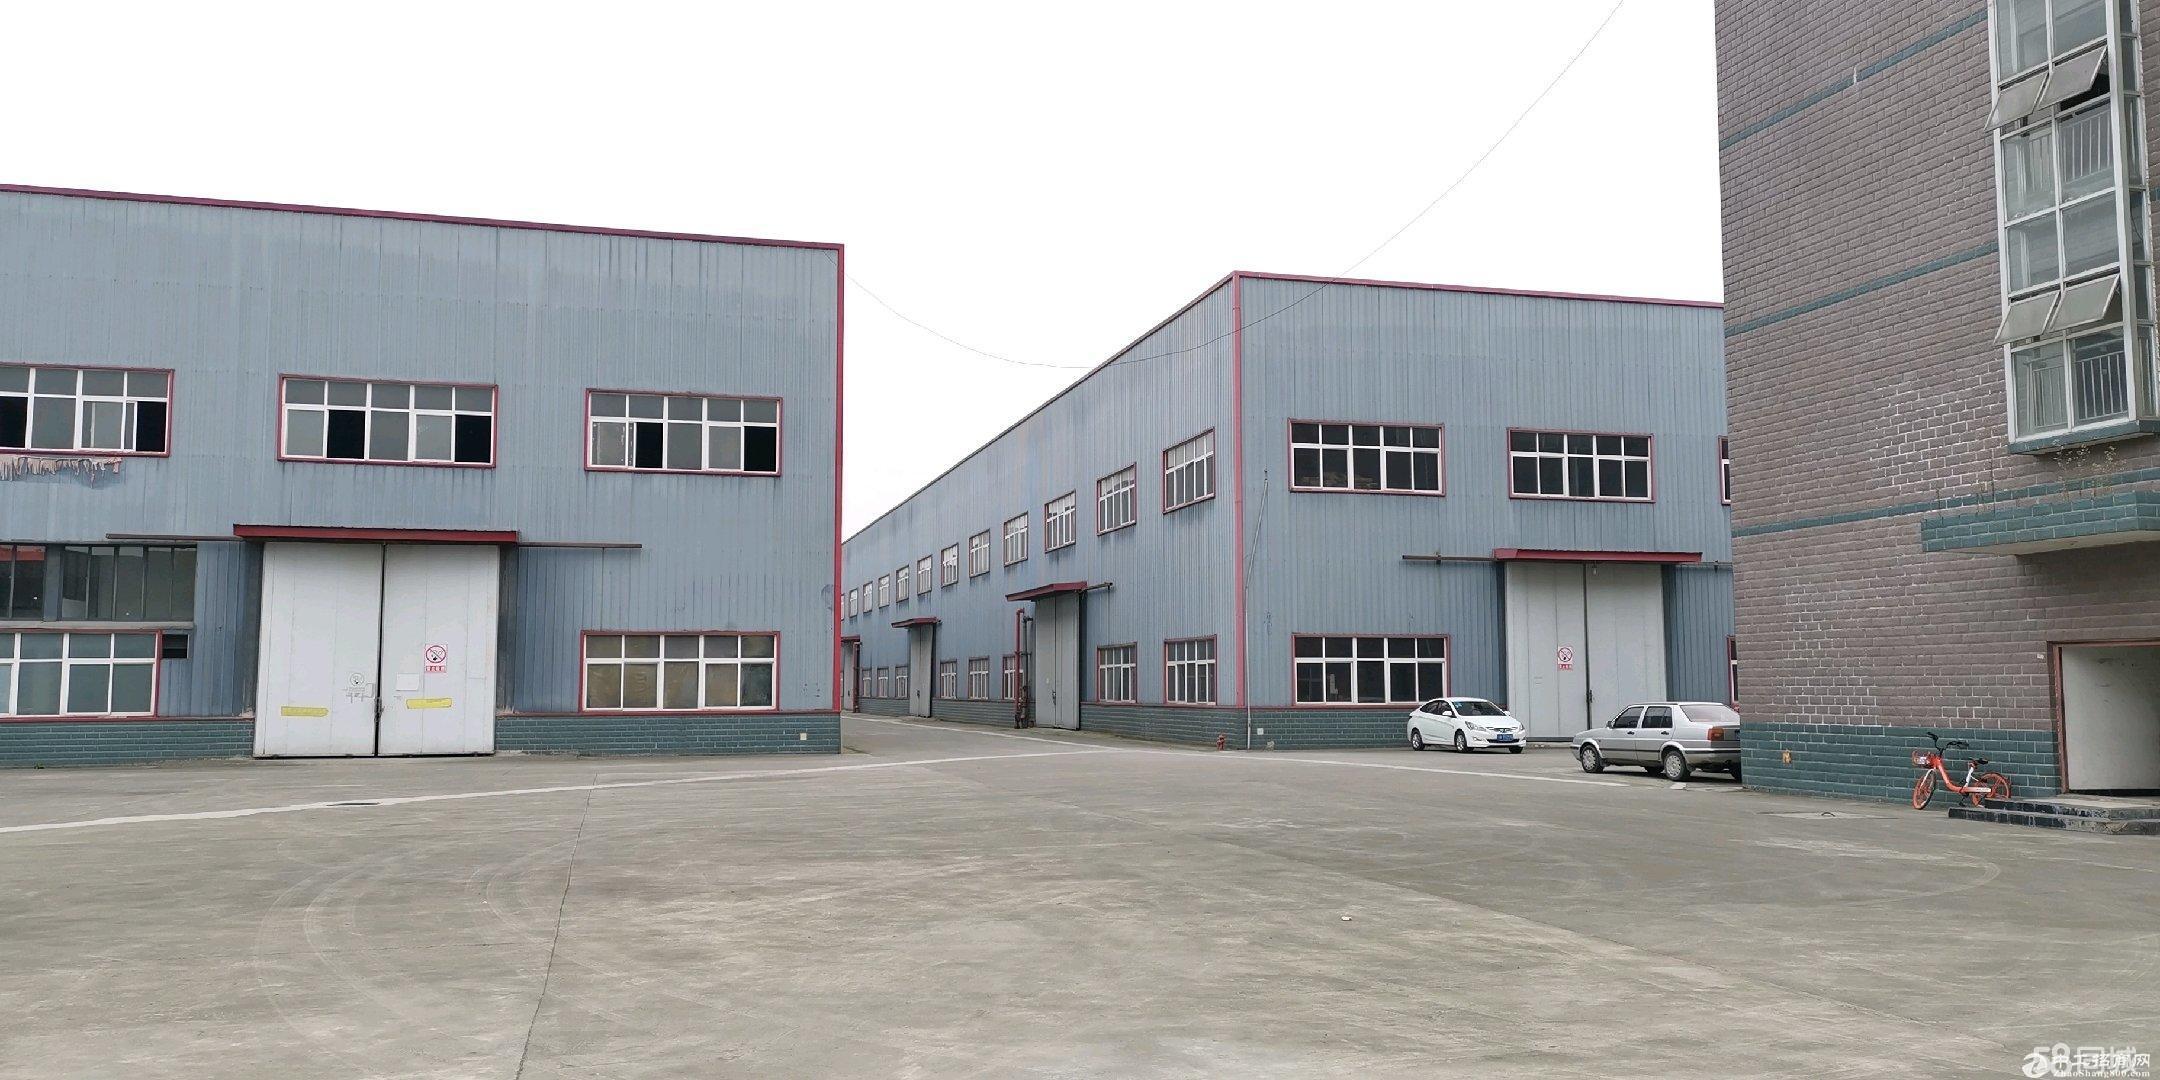 (出租) 出租 家具厂房 可分租 12800平米